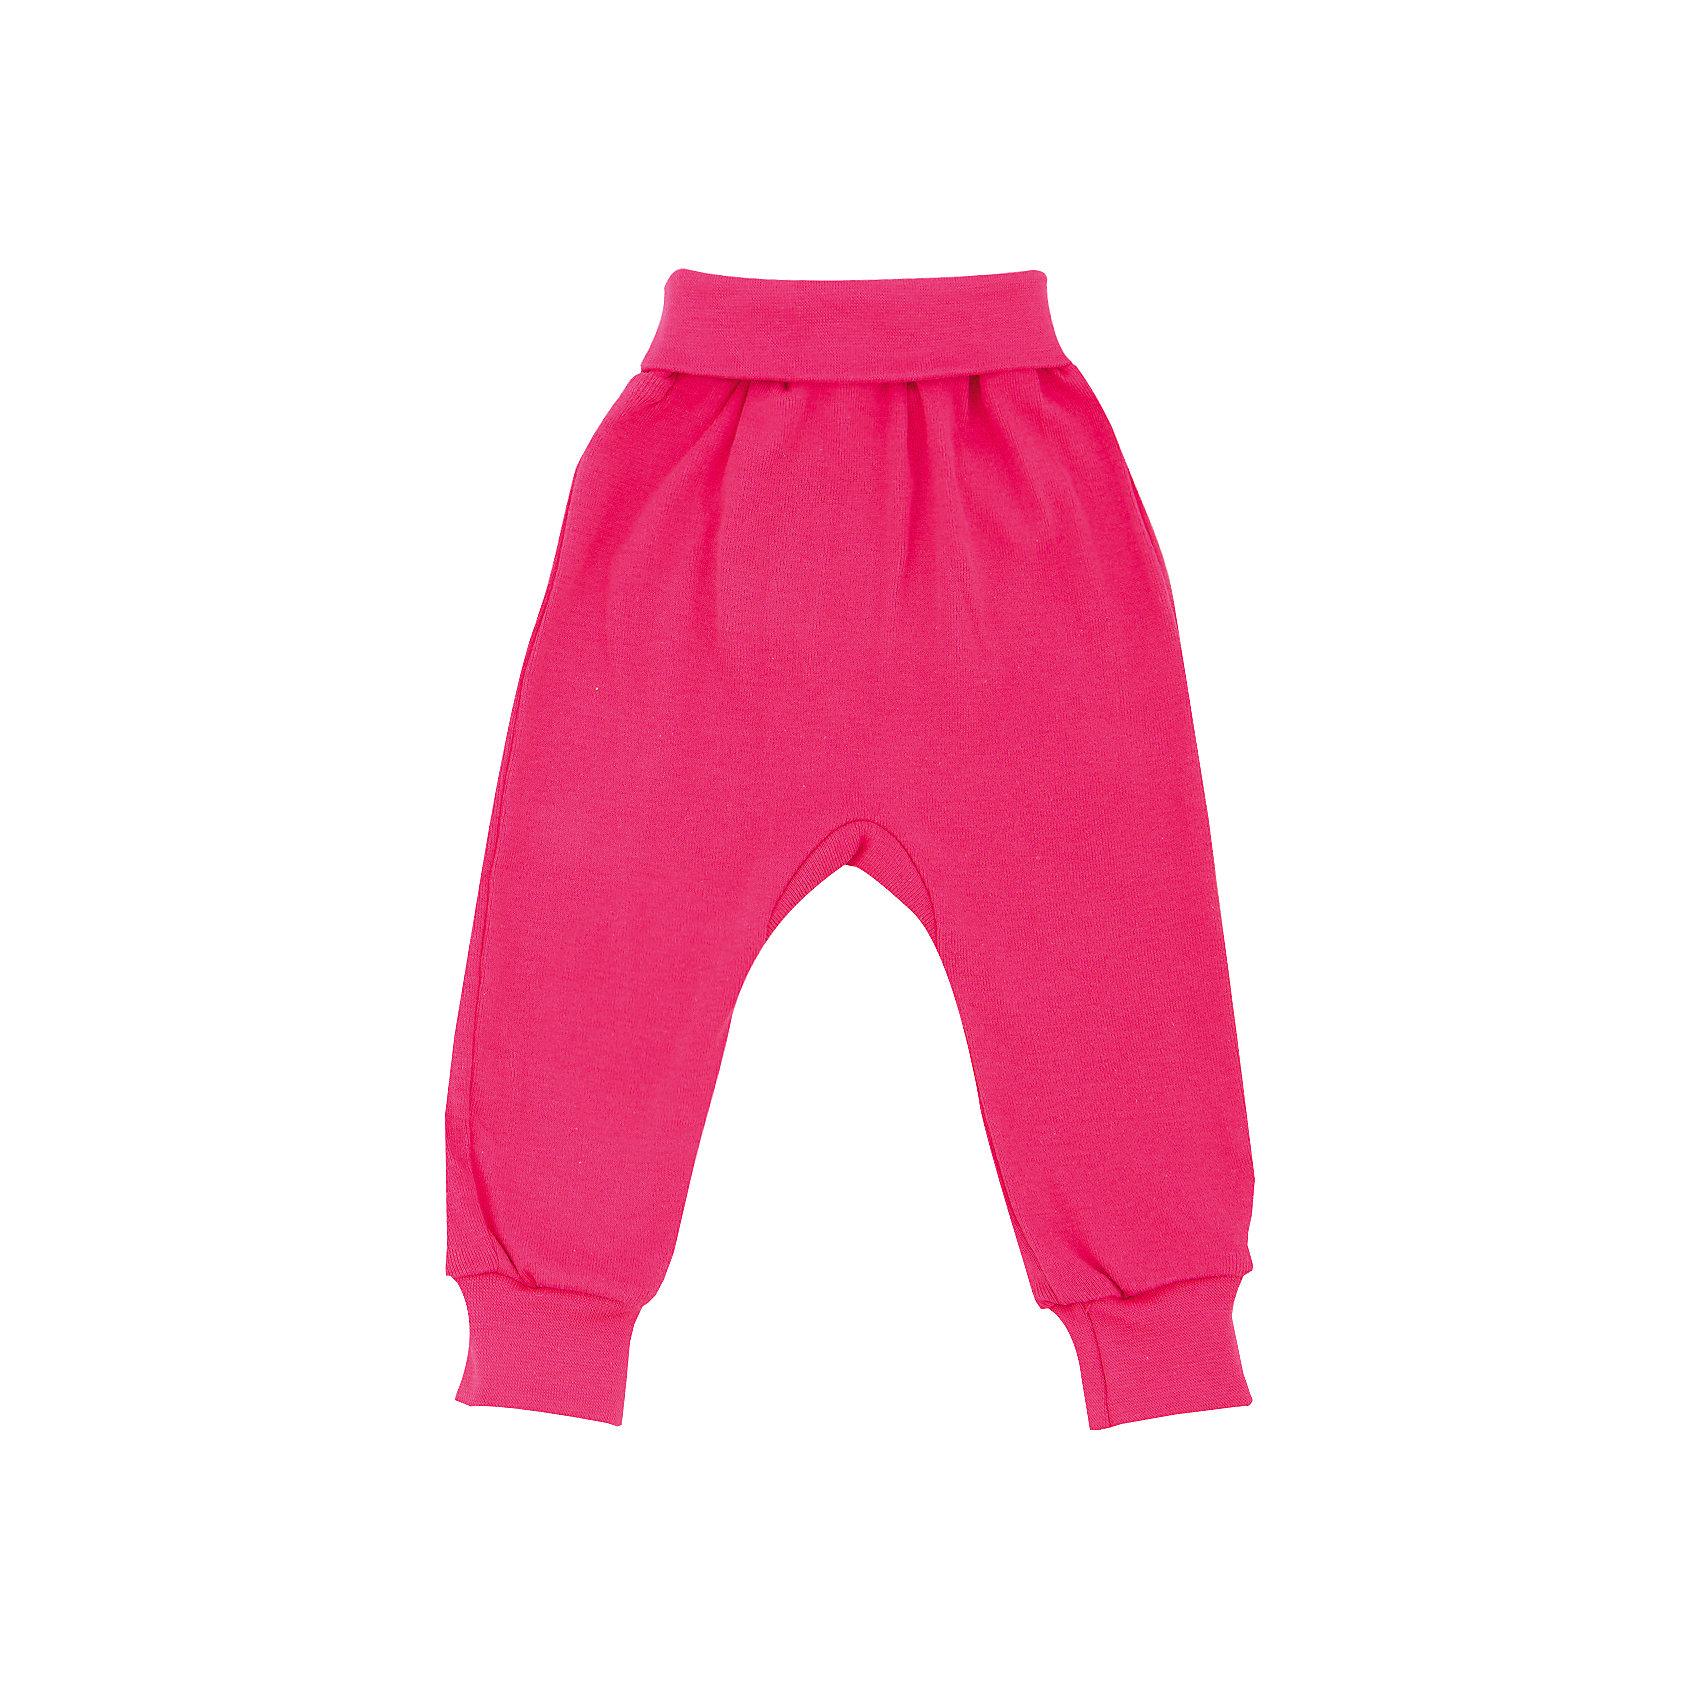 Апрель Ползунки для девочки Апрель виброплатформы для похудения в алматы в интернет магазине